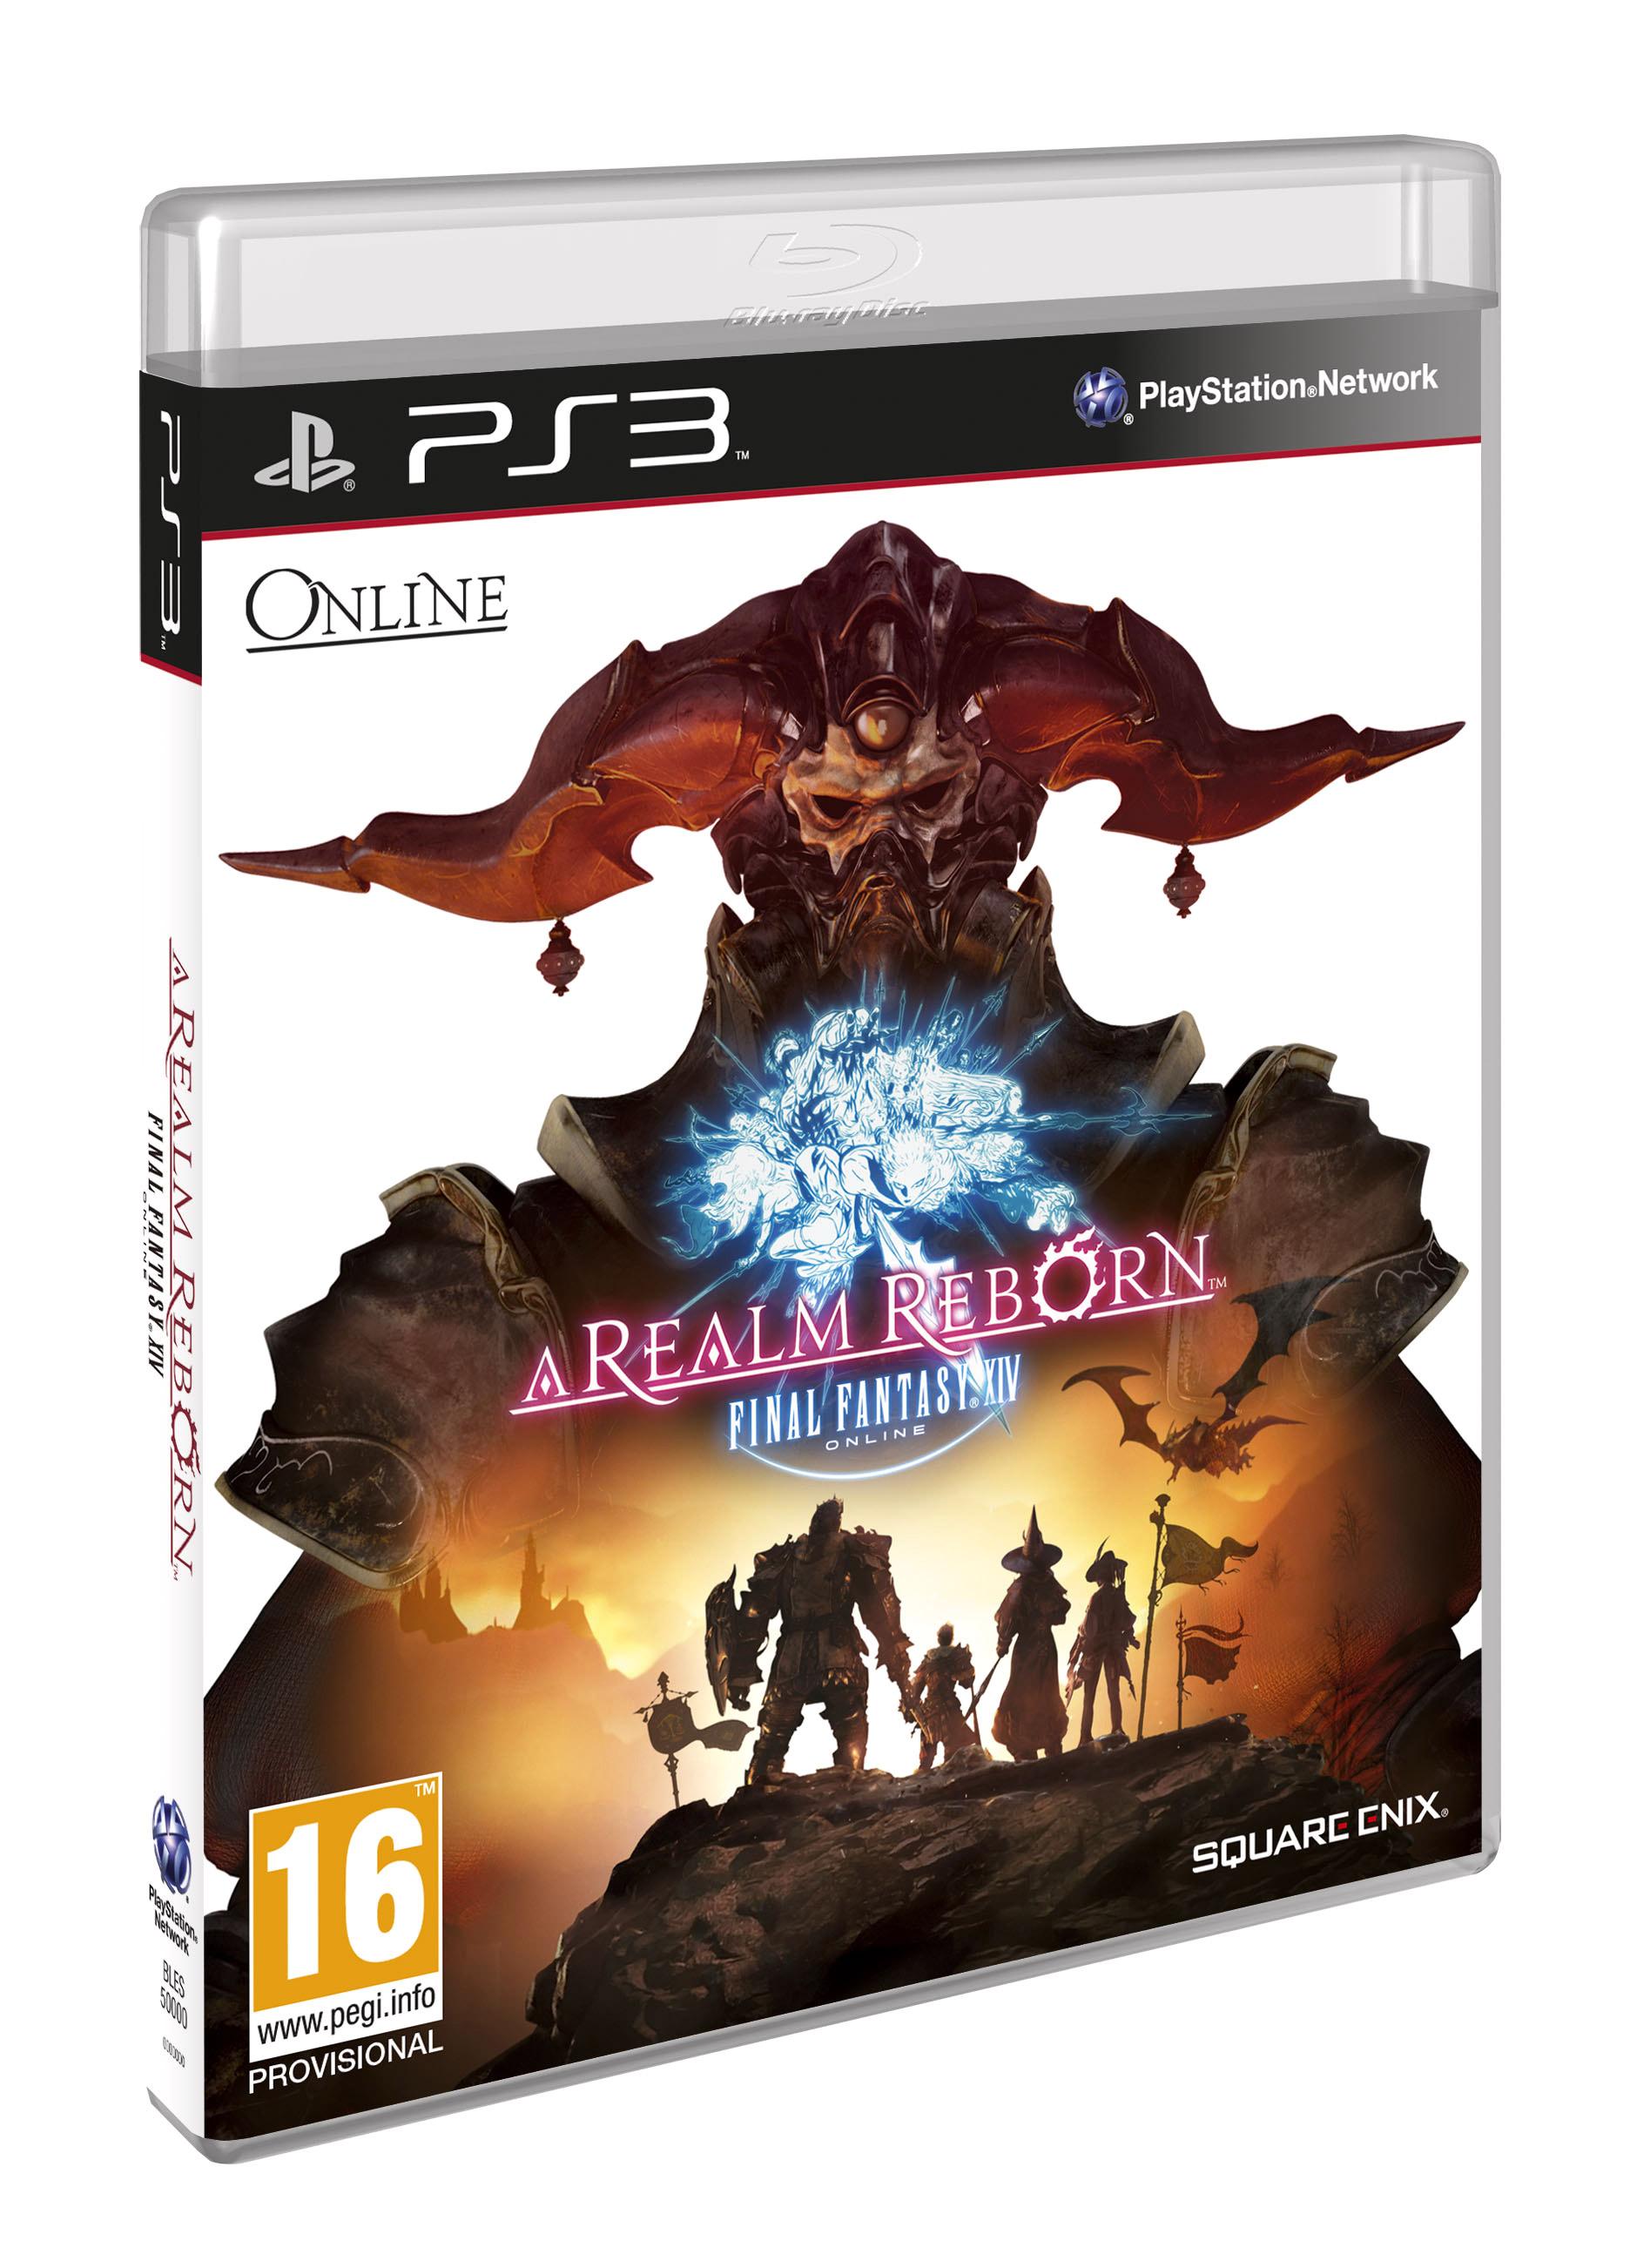 Realm reborn light bonus tracker